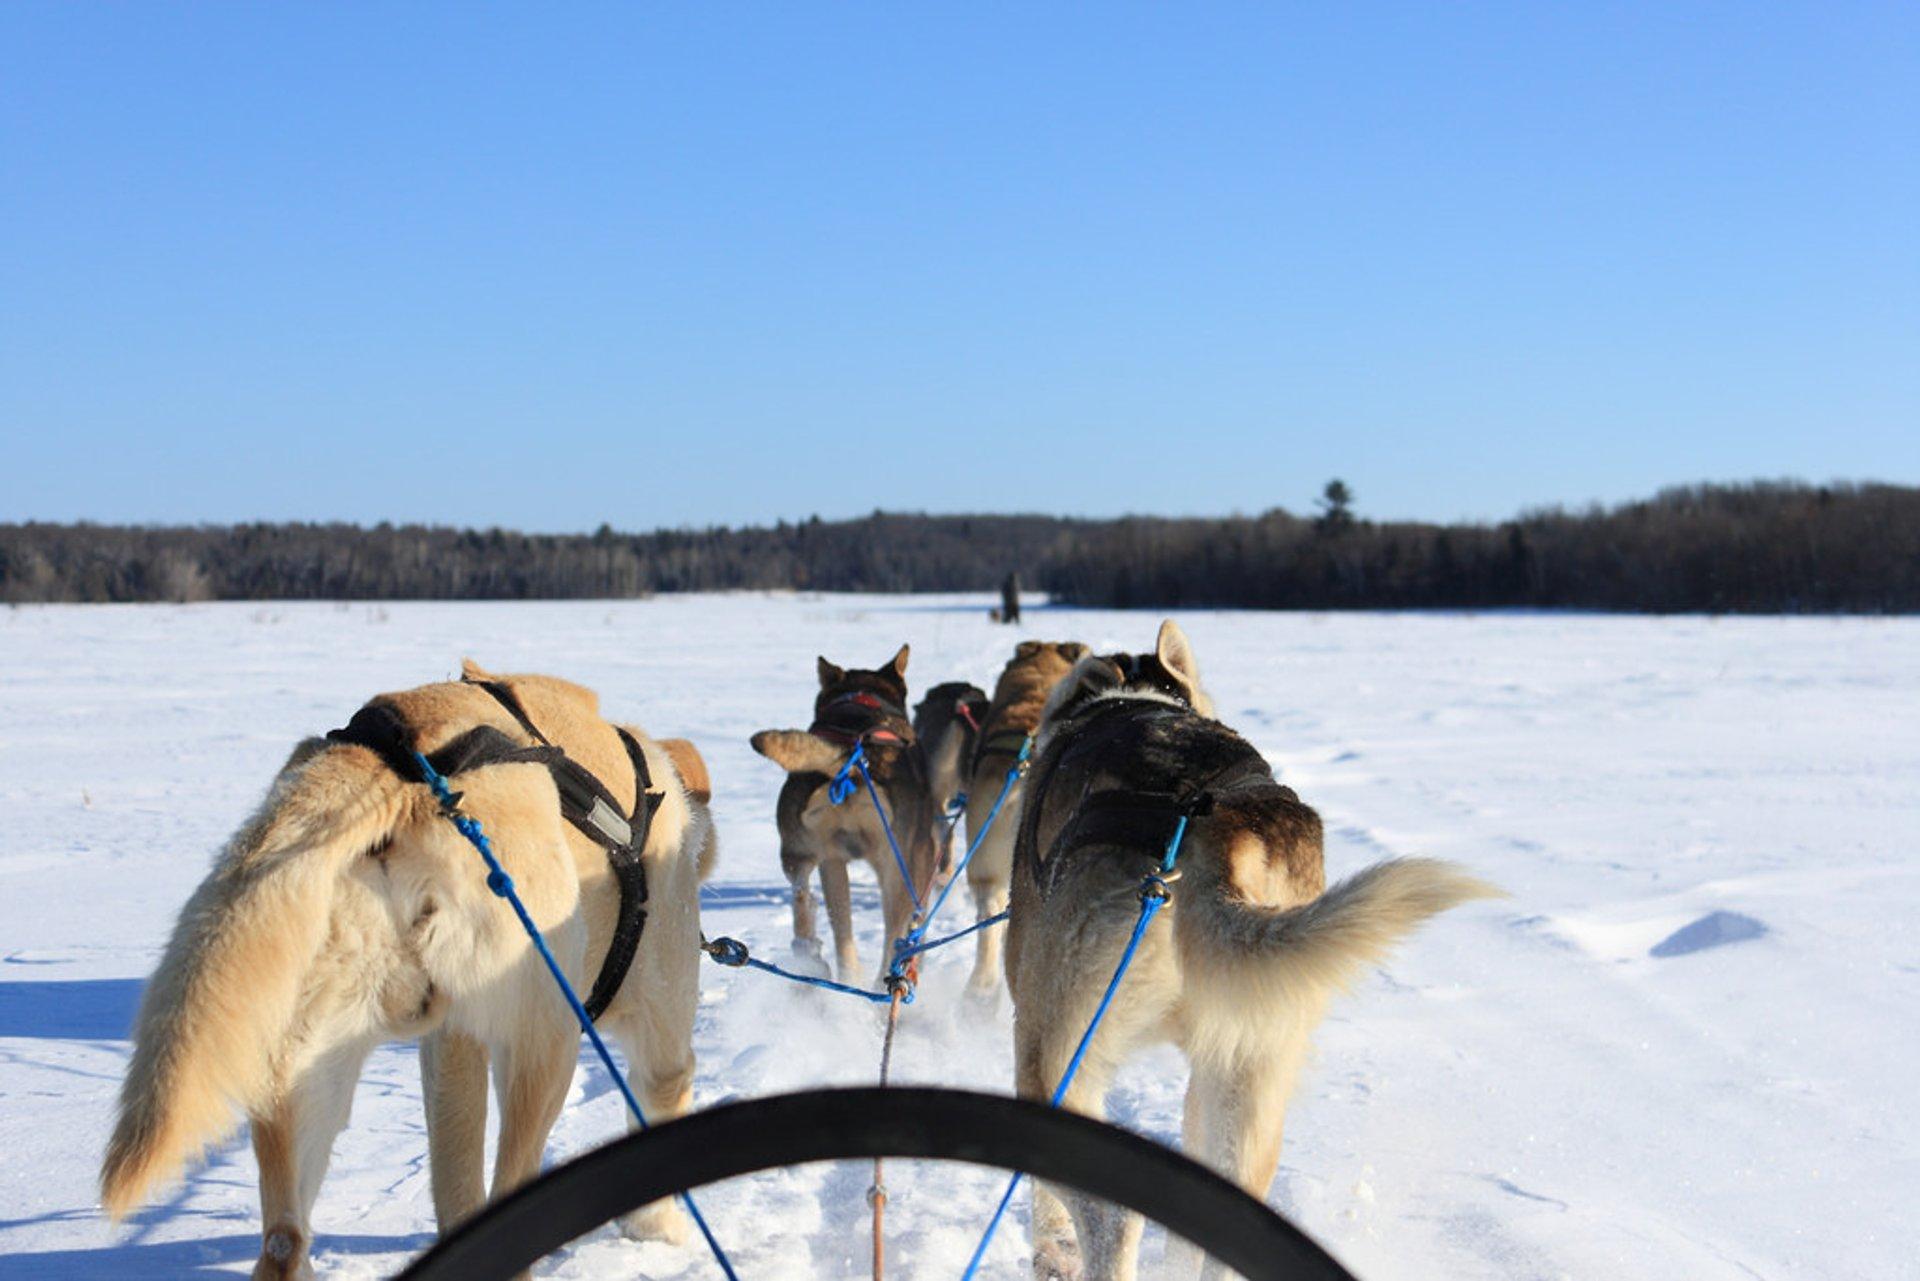 Dog Sledding in Quebec 2019 - Best Time